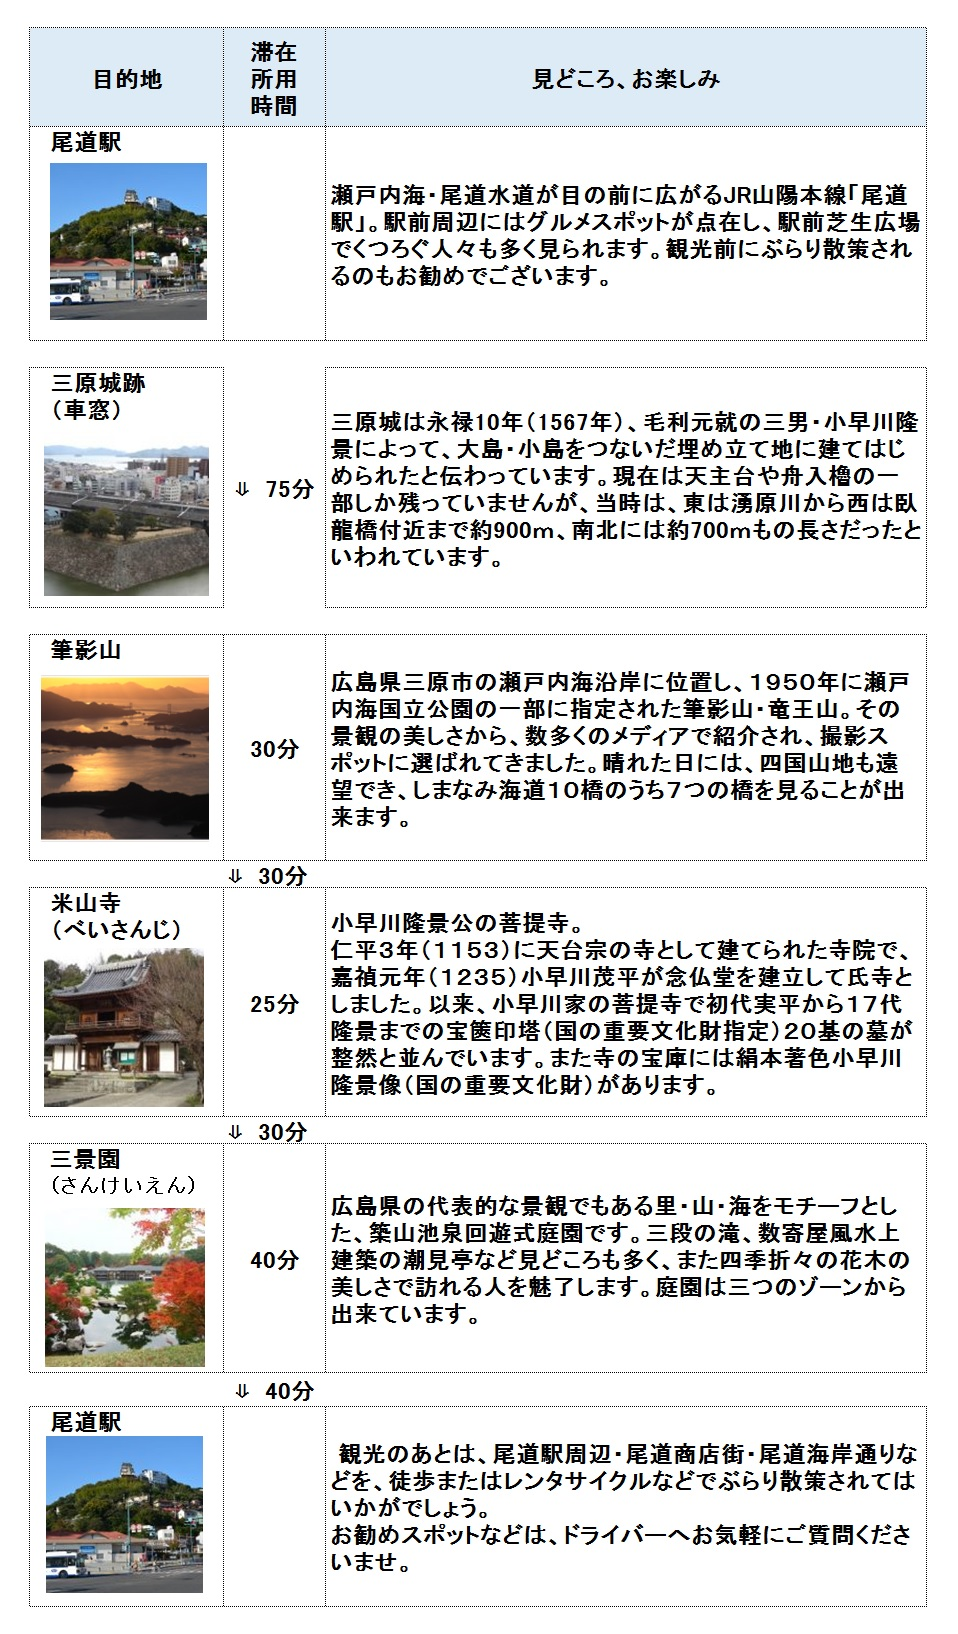 6.mihara4.5